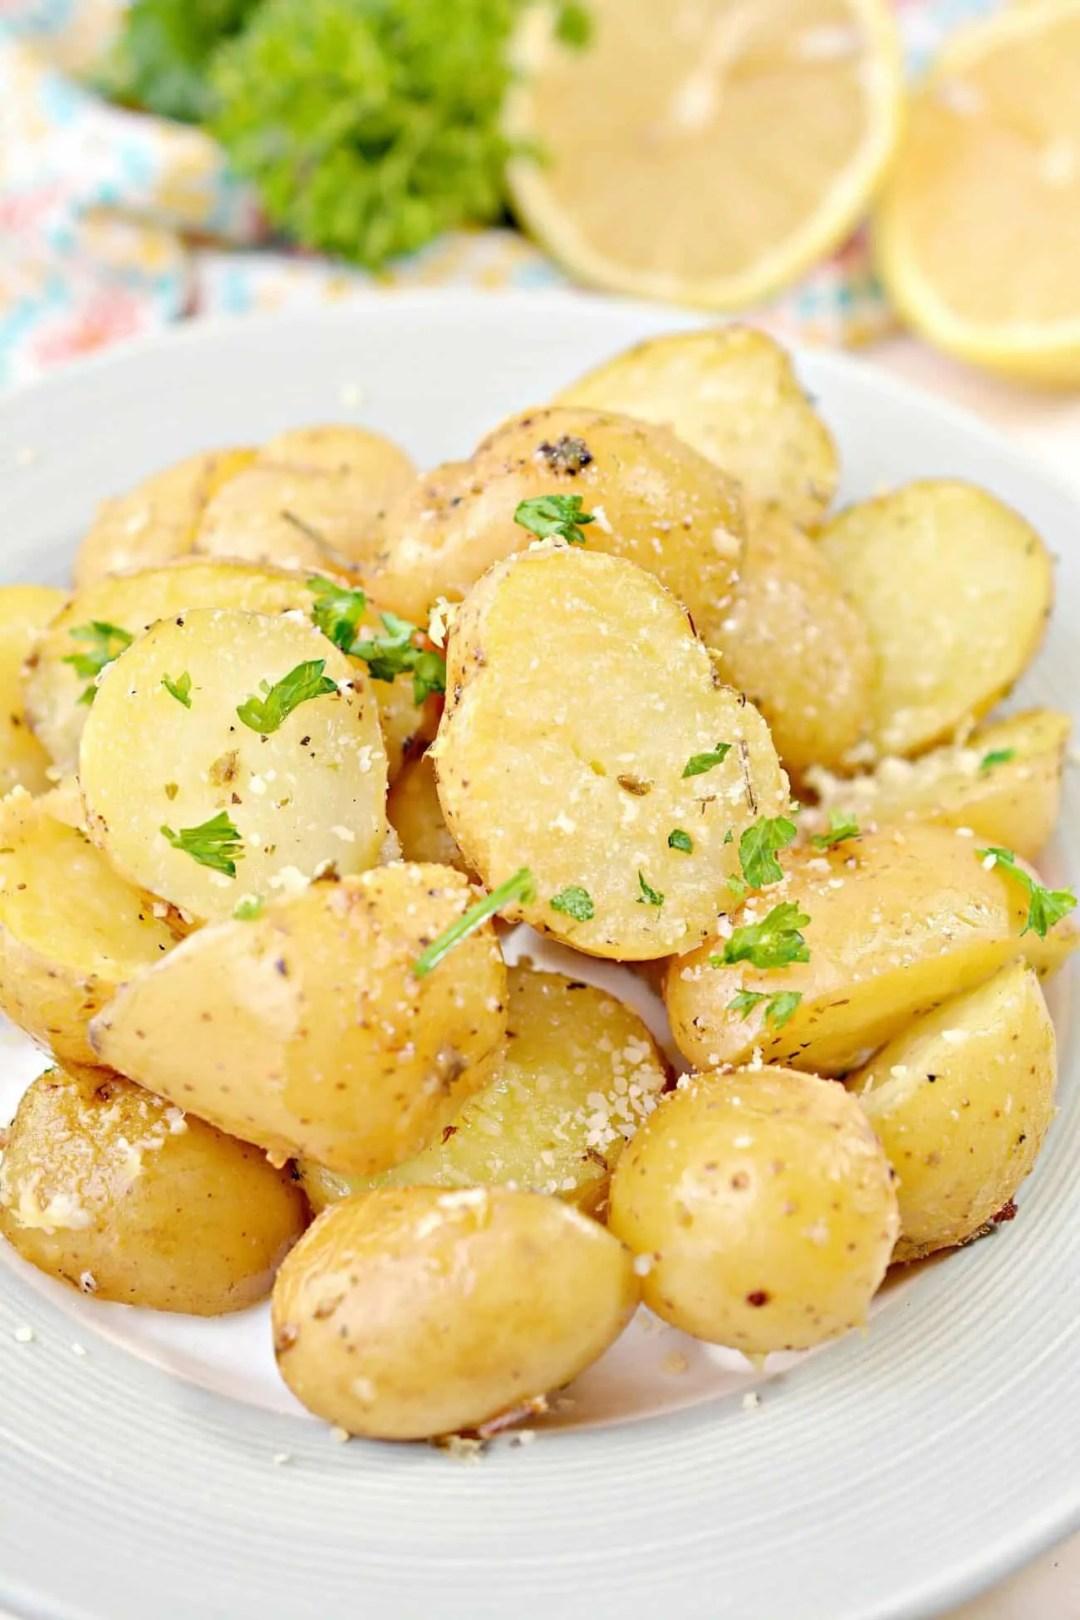 Greek Style Roasted Lemon Butter Potatoes